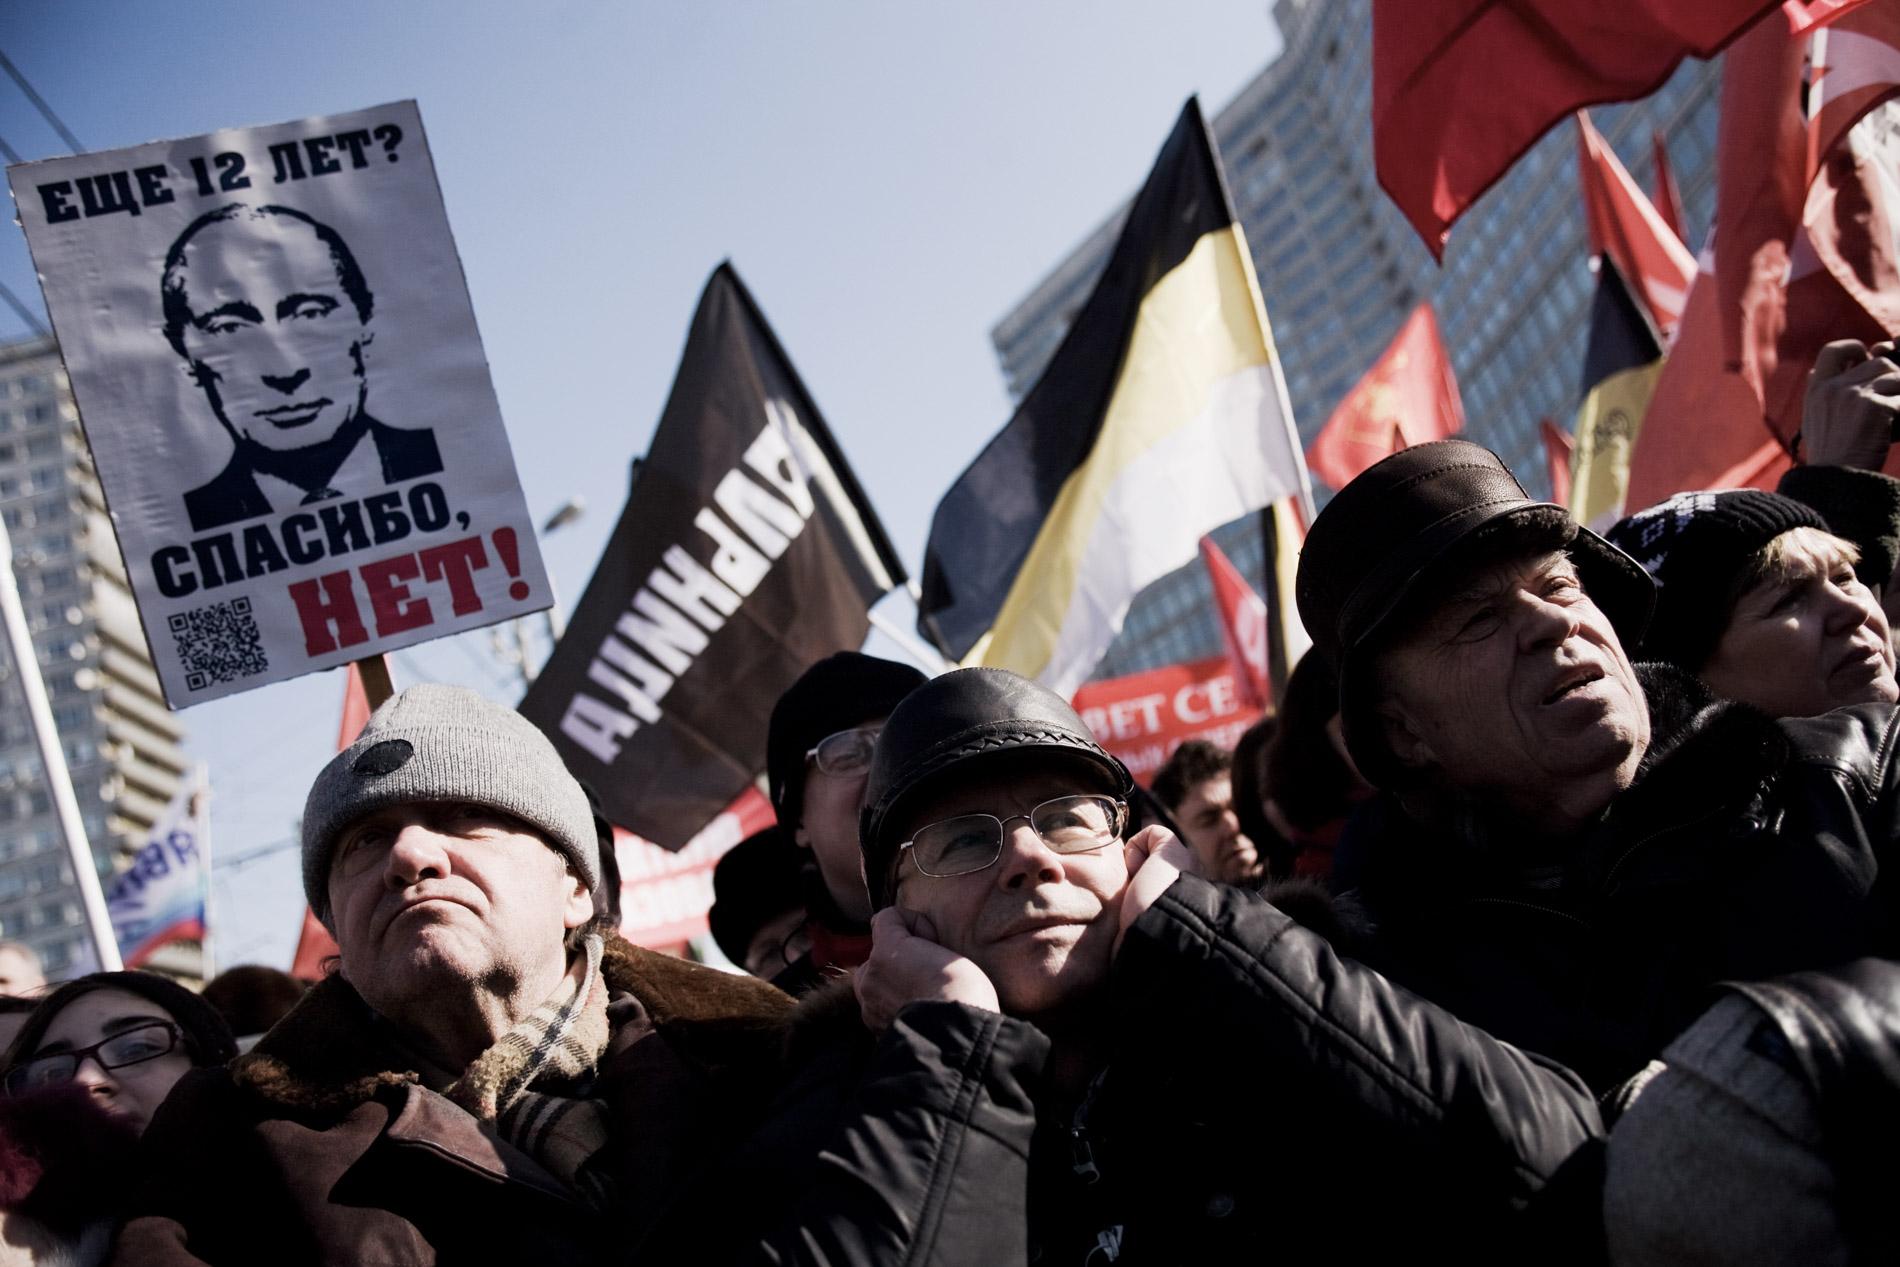 Manifestation de 15.000 opposants a Vladimir Poutine, suite a son election a la tete de la Russie. Moscou, le 10 mars 2012.